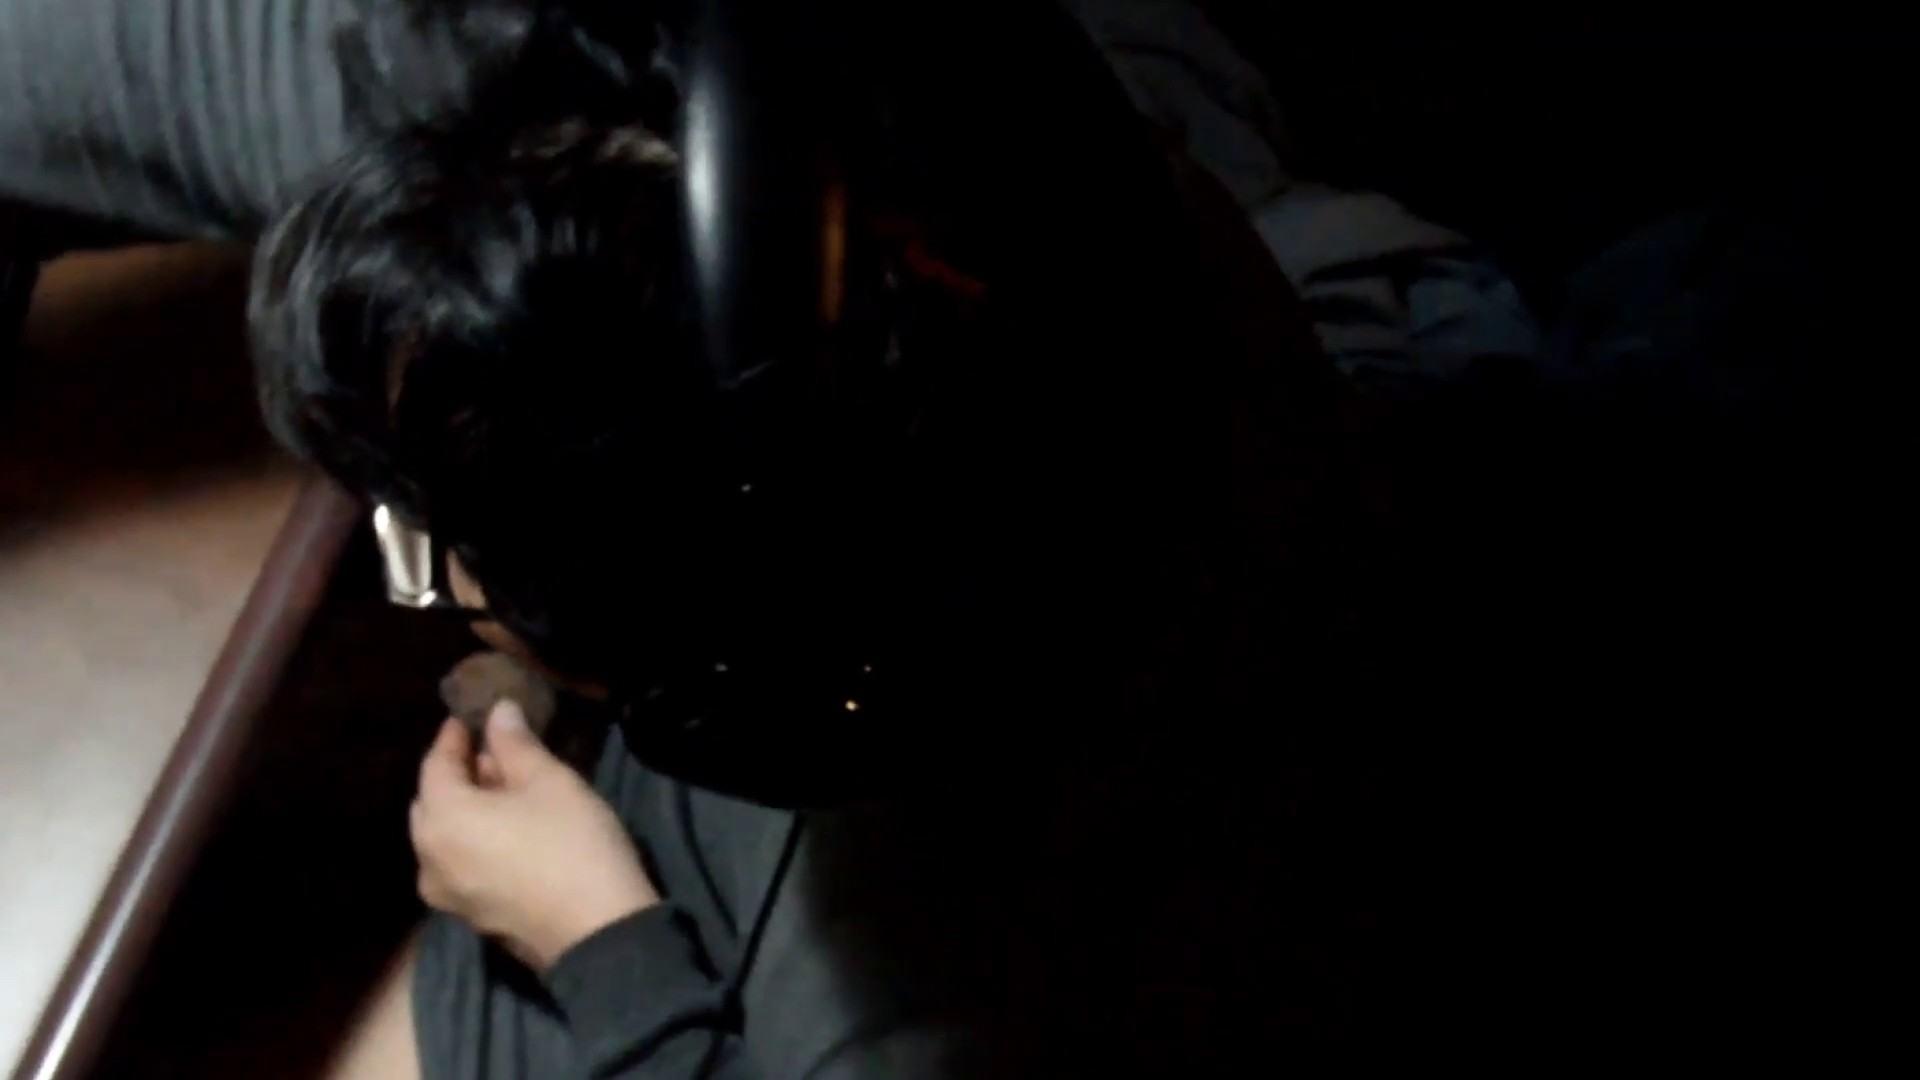 巨根 オナニー塾Vol.31 オナニー | モザイク無し アダルトビデオ画像キャプチャ 71pic 7